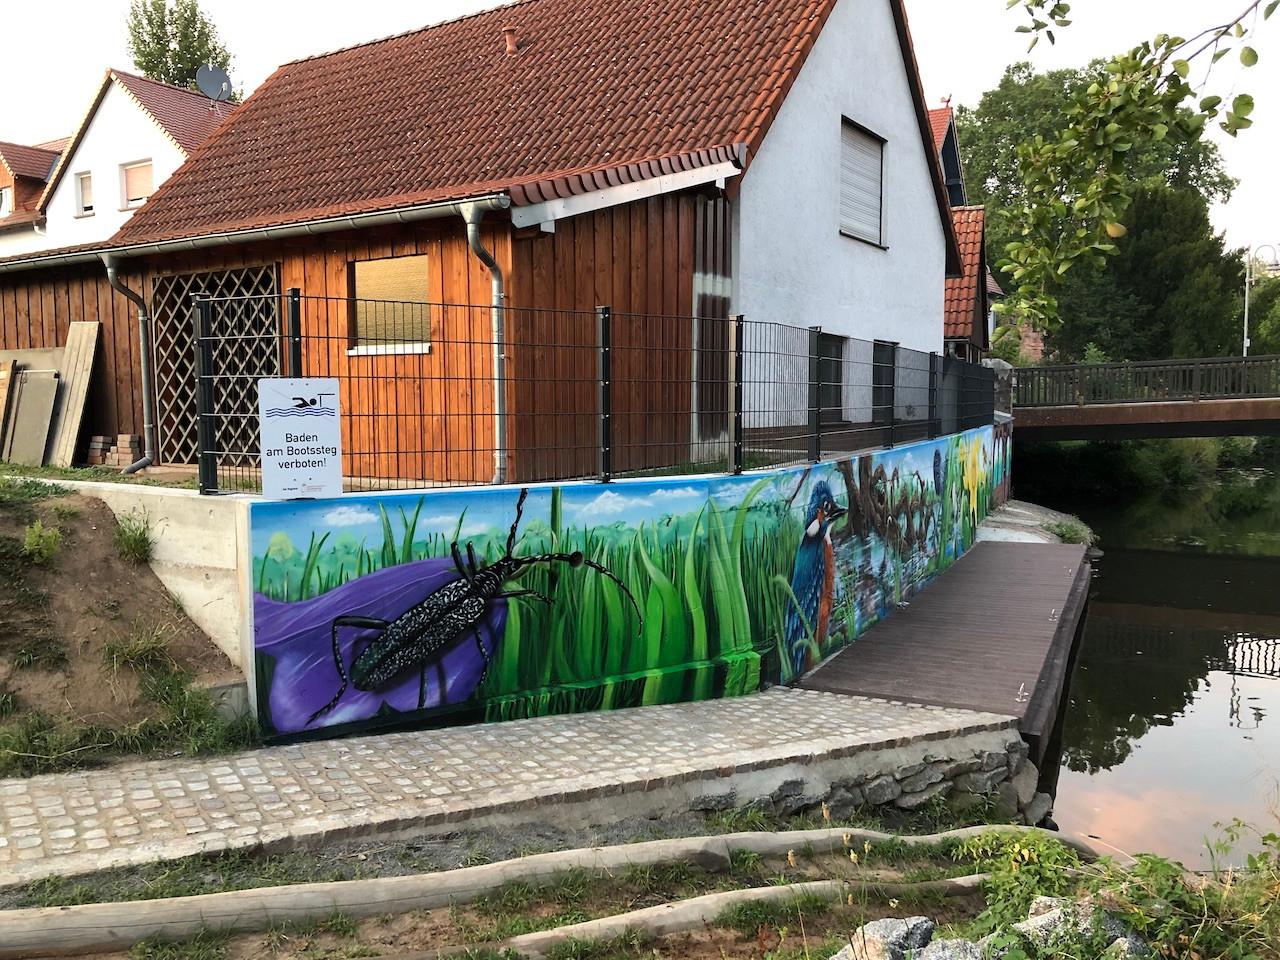 IMG_0790Fassade Bootsteeg an der Müllerwiese Gelnhausenjpeg